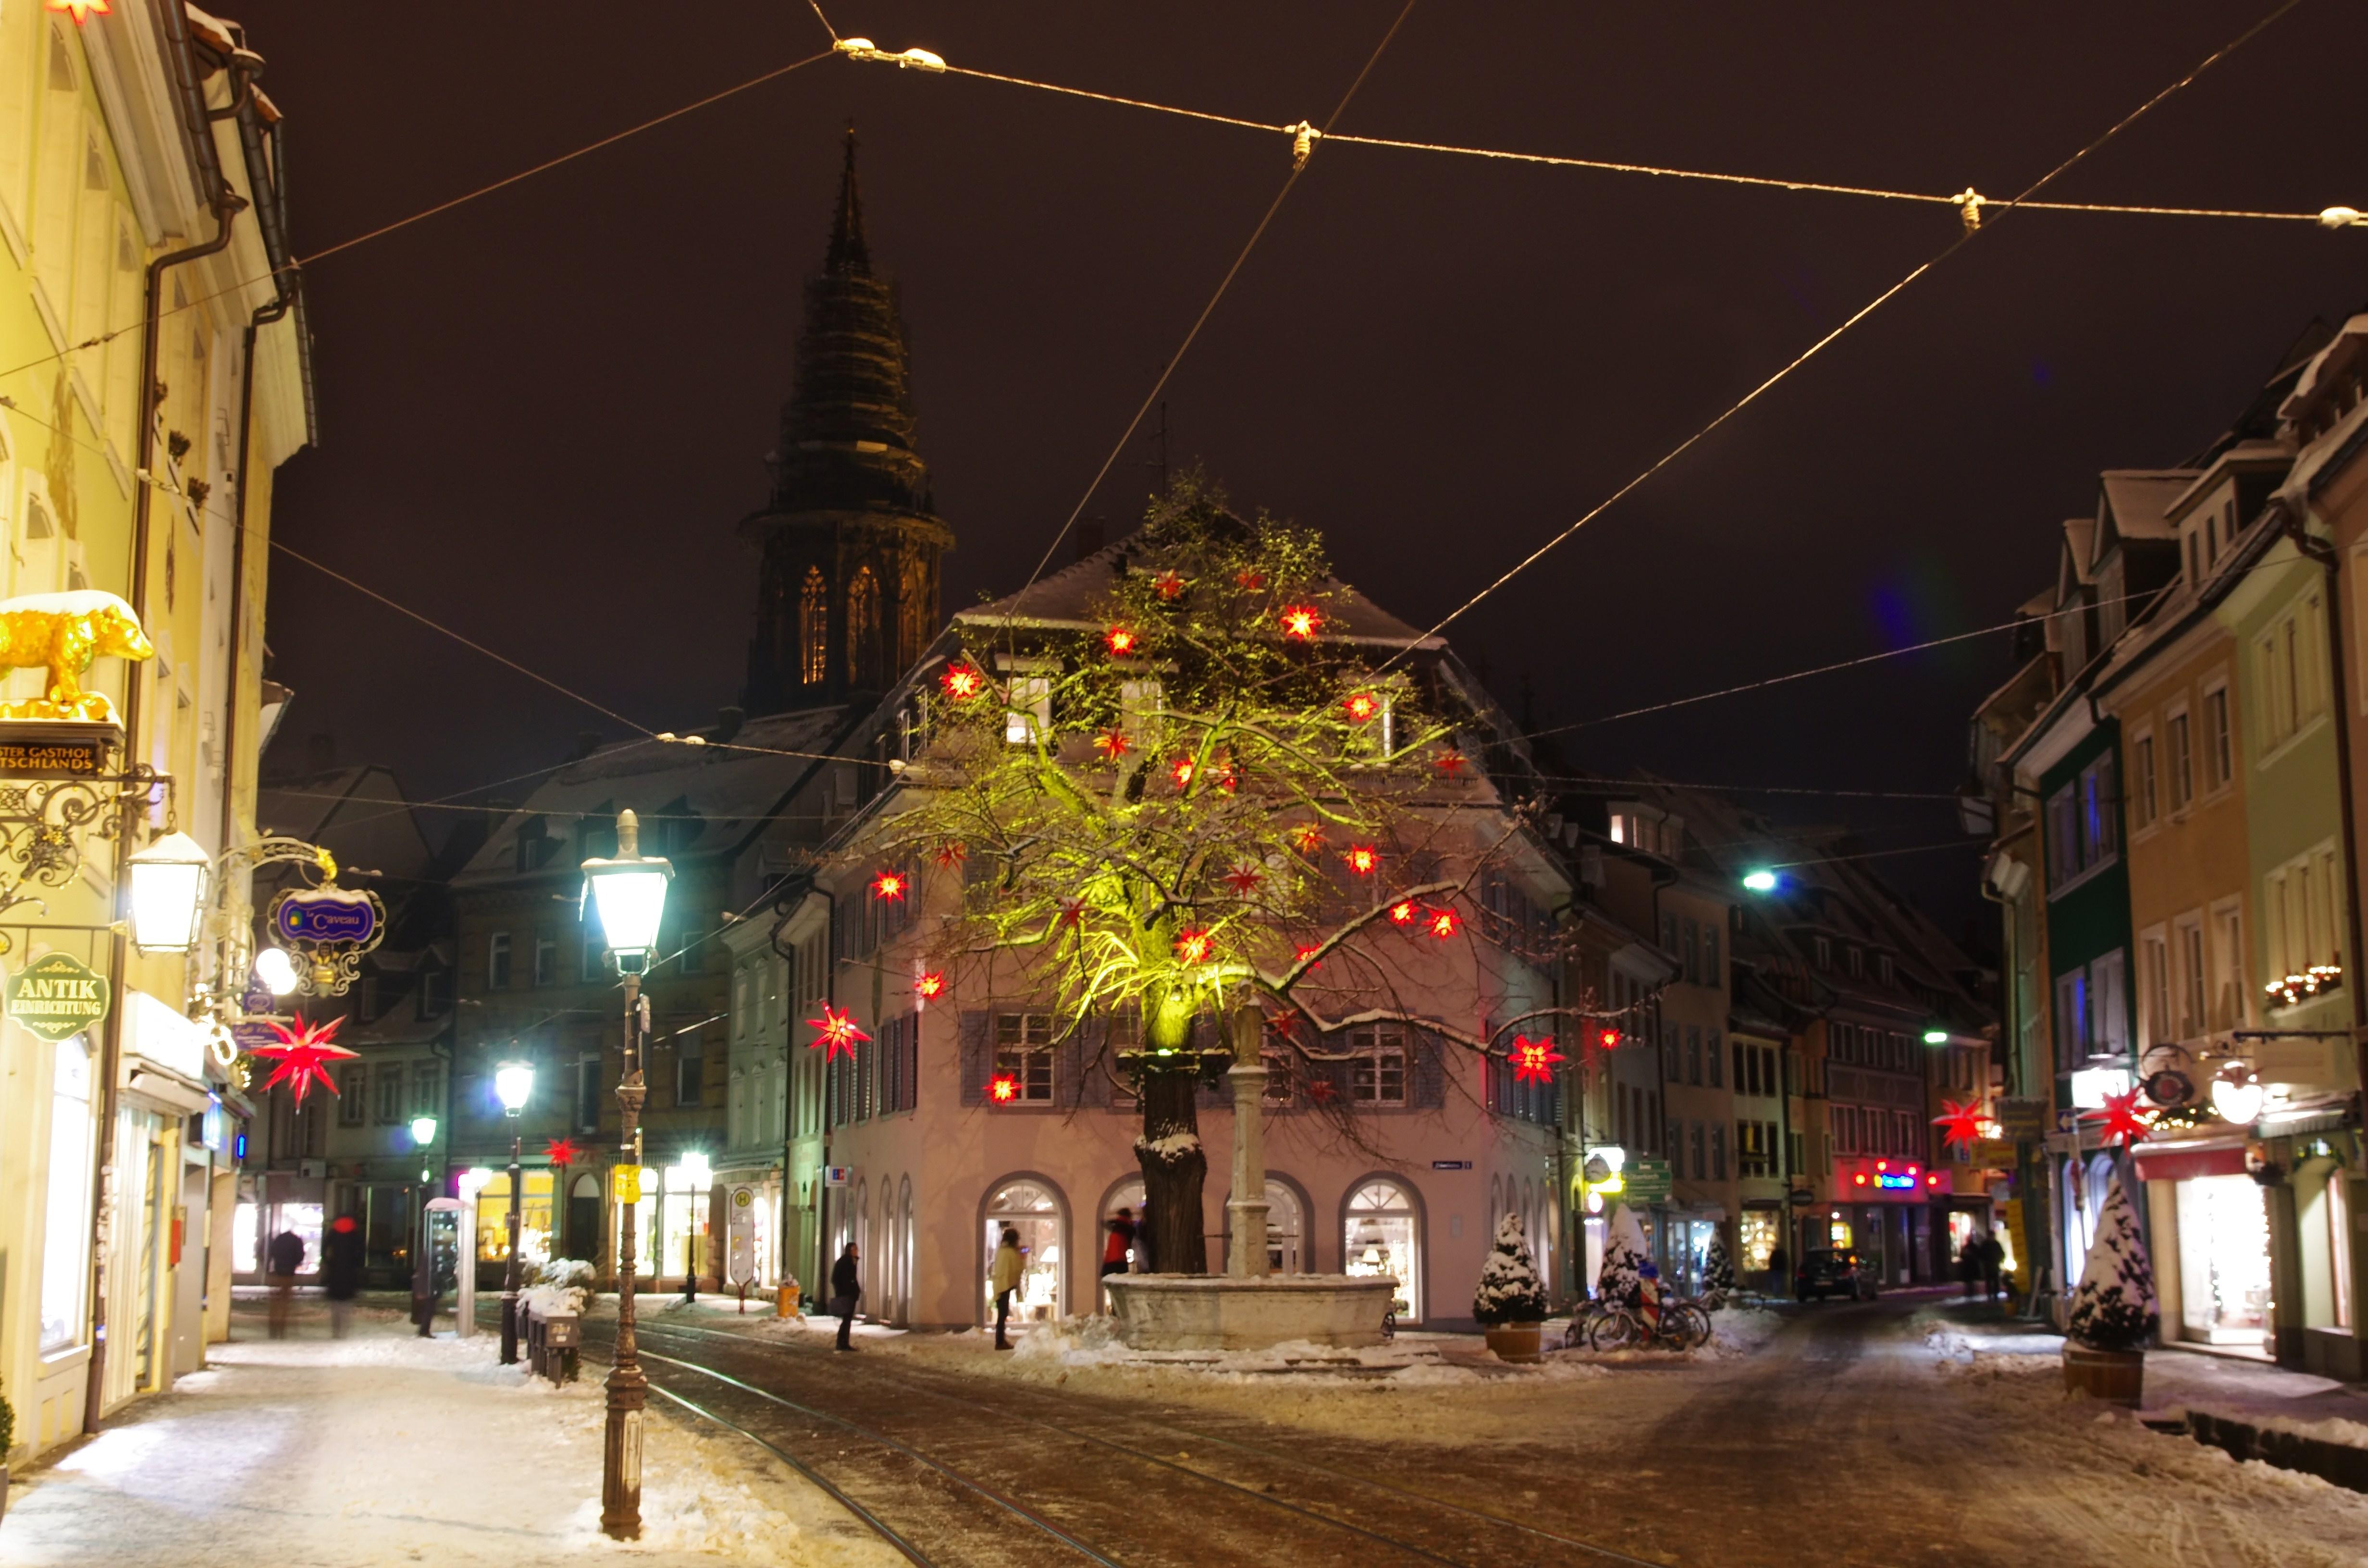 File:Oberlinden (Freiburg) 2391.jpg